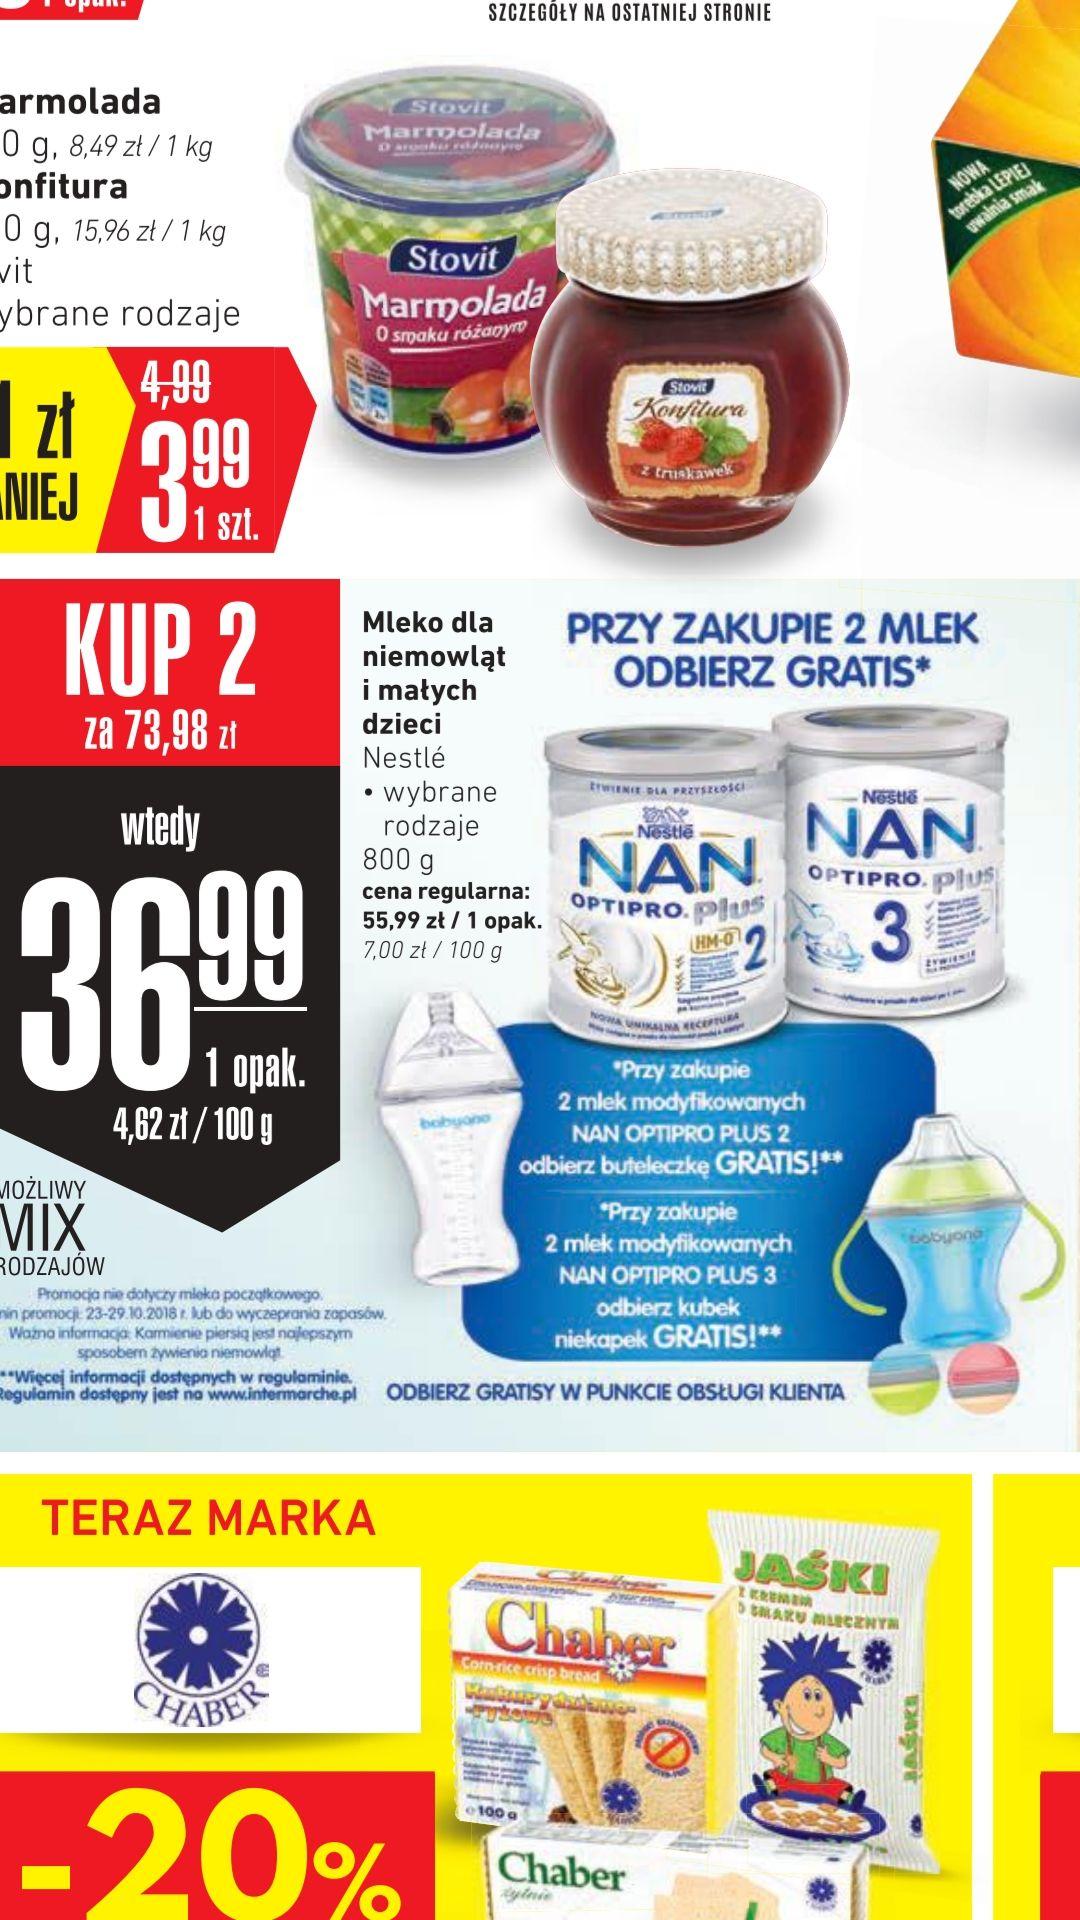 INTERMARCHE. Mleko modyfikowane NAN OPTIPRO PLUS 2;3 taniej przy zakupie 2 szt. + Gratis!